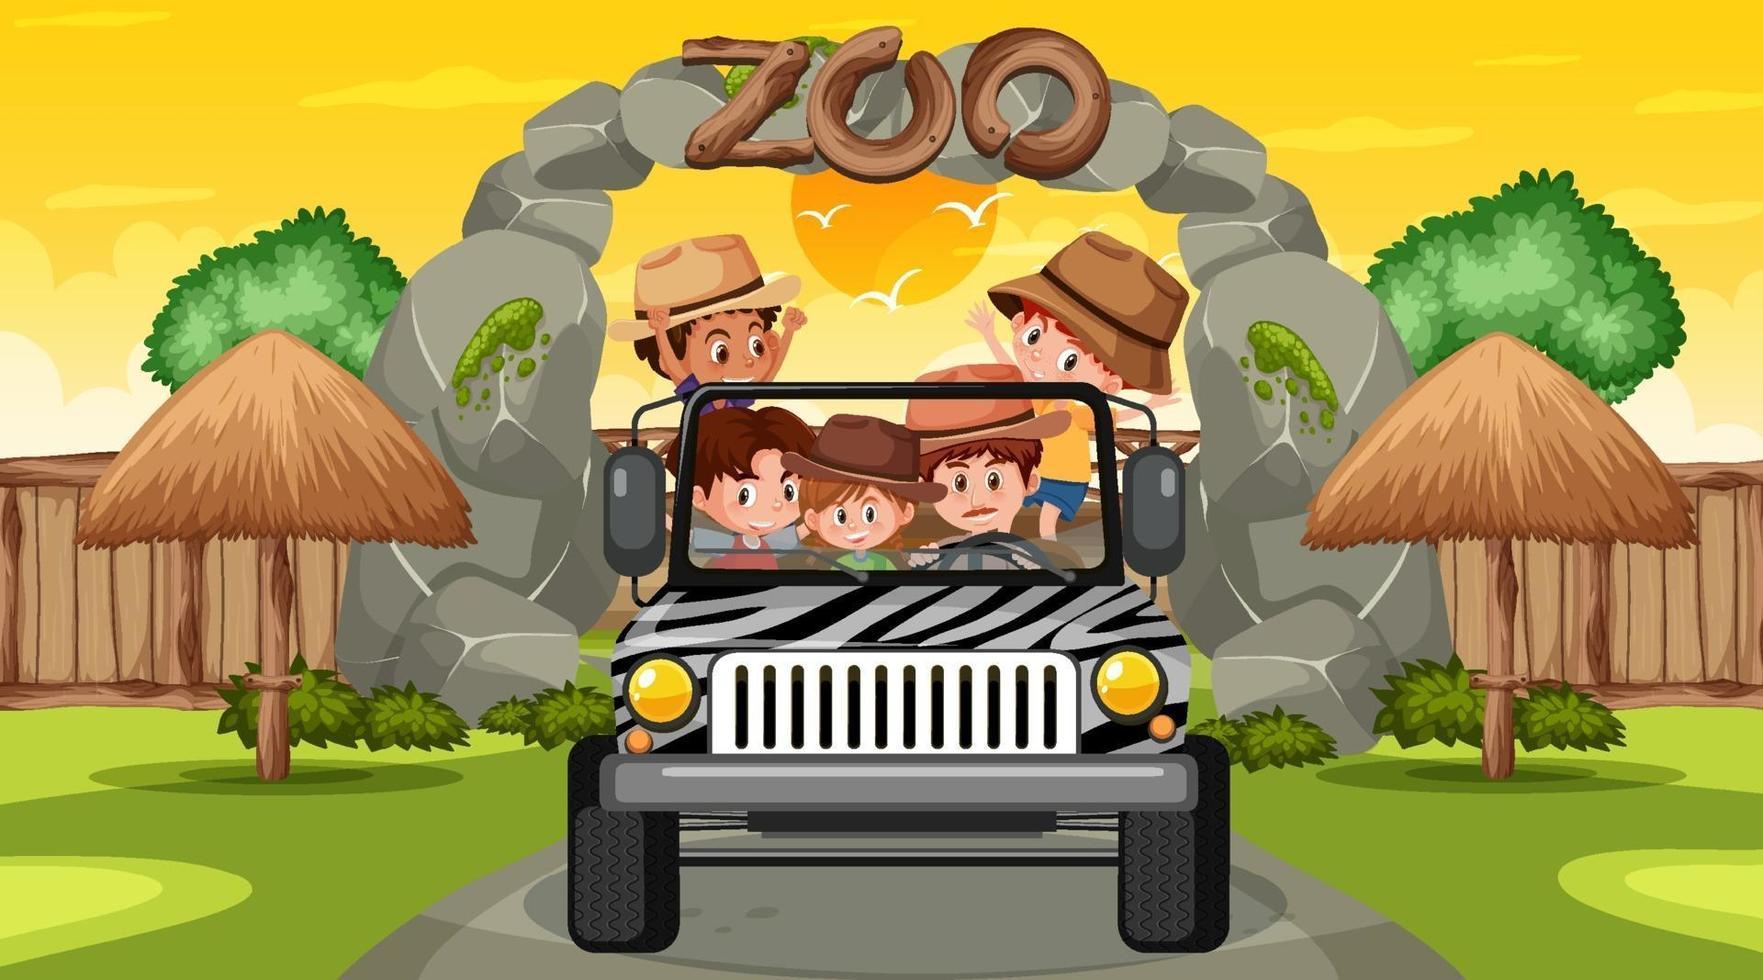 dierentuin bij zonsondergang met veel kinderen in een jeepauto vector